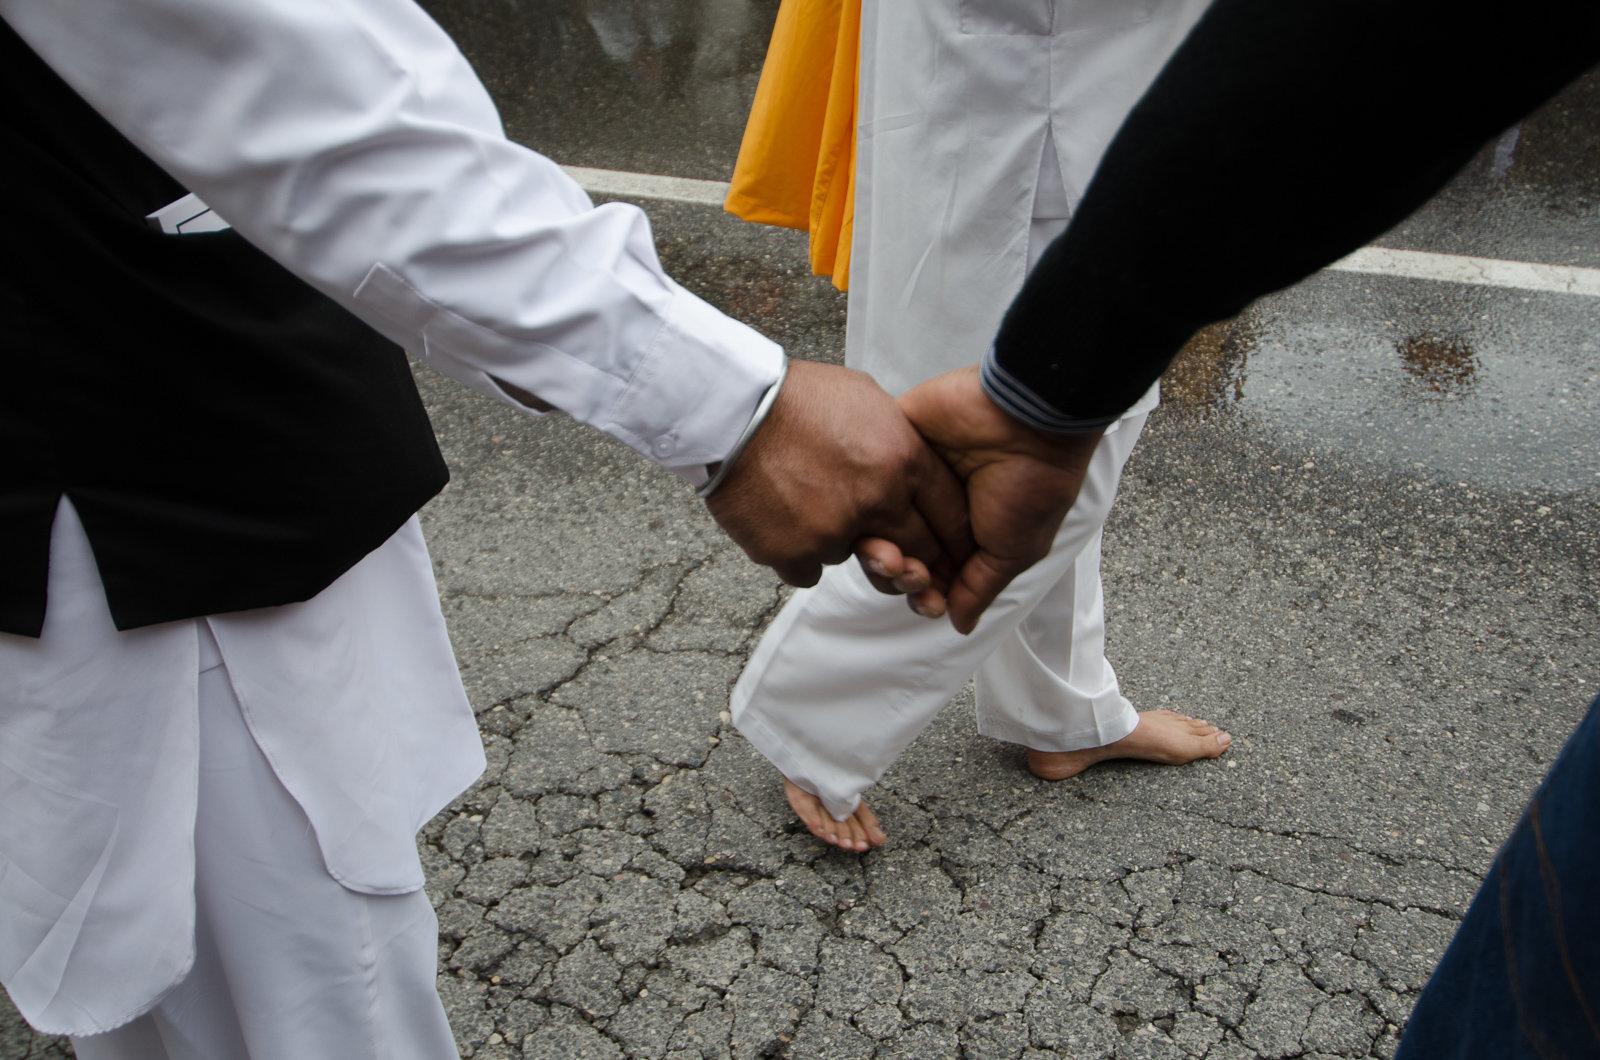 0016_20120414_Sikh_1534.jpg